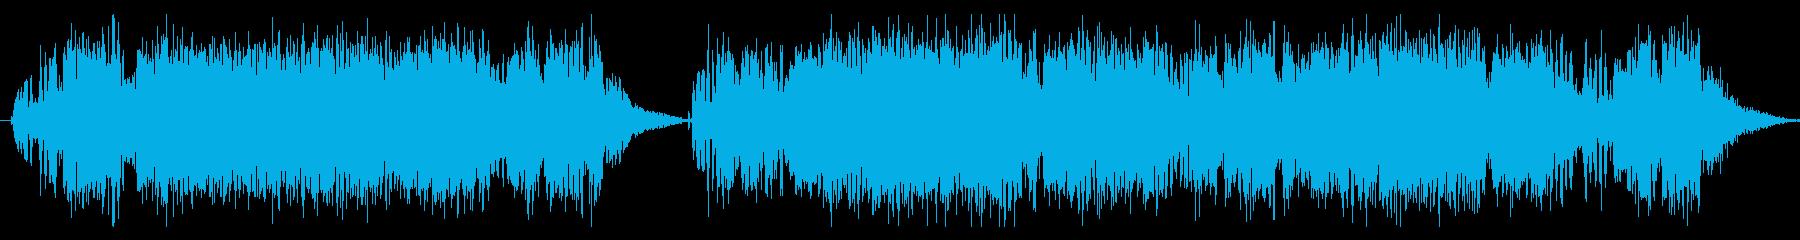 ビリビリ!電気 電磁波 パルス 火花 2の再生済みの波形